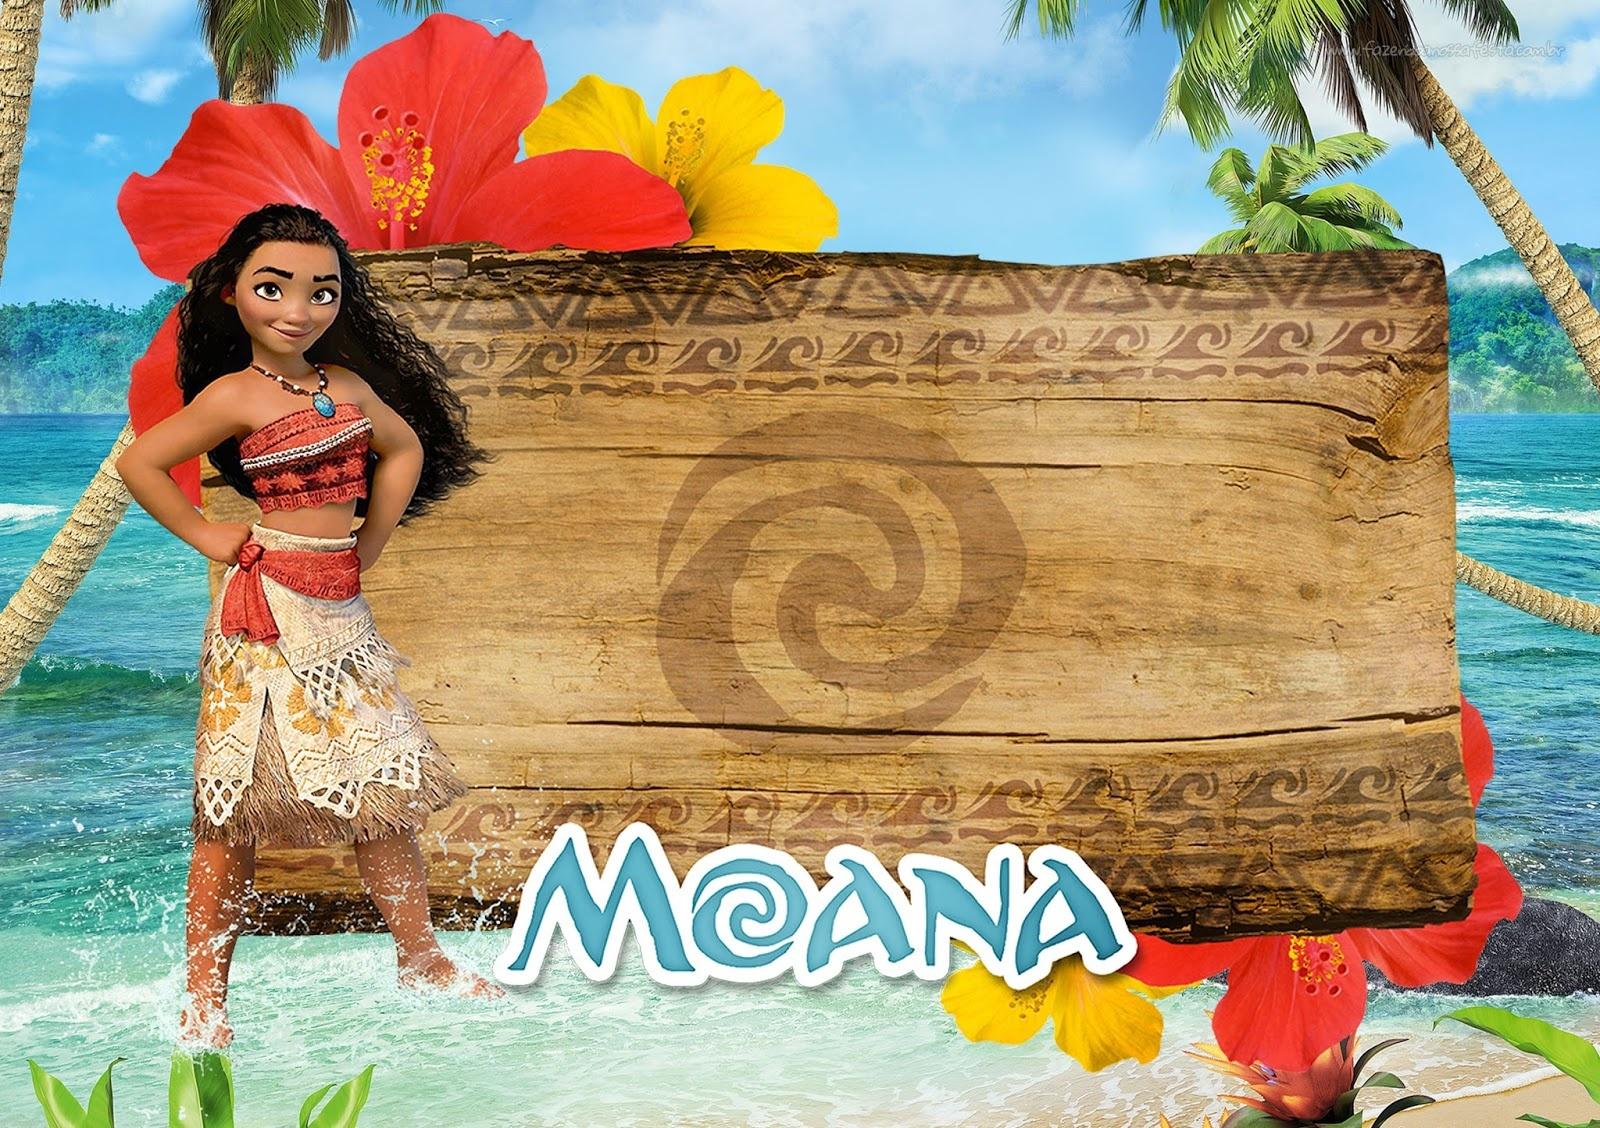 Moana: Free Printable Invitations. - Oh My Fiesta! In English - Free Moana Printable Invitations